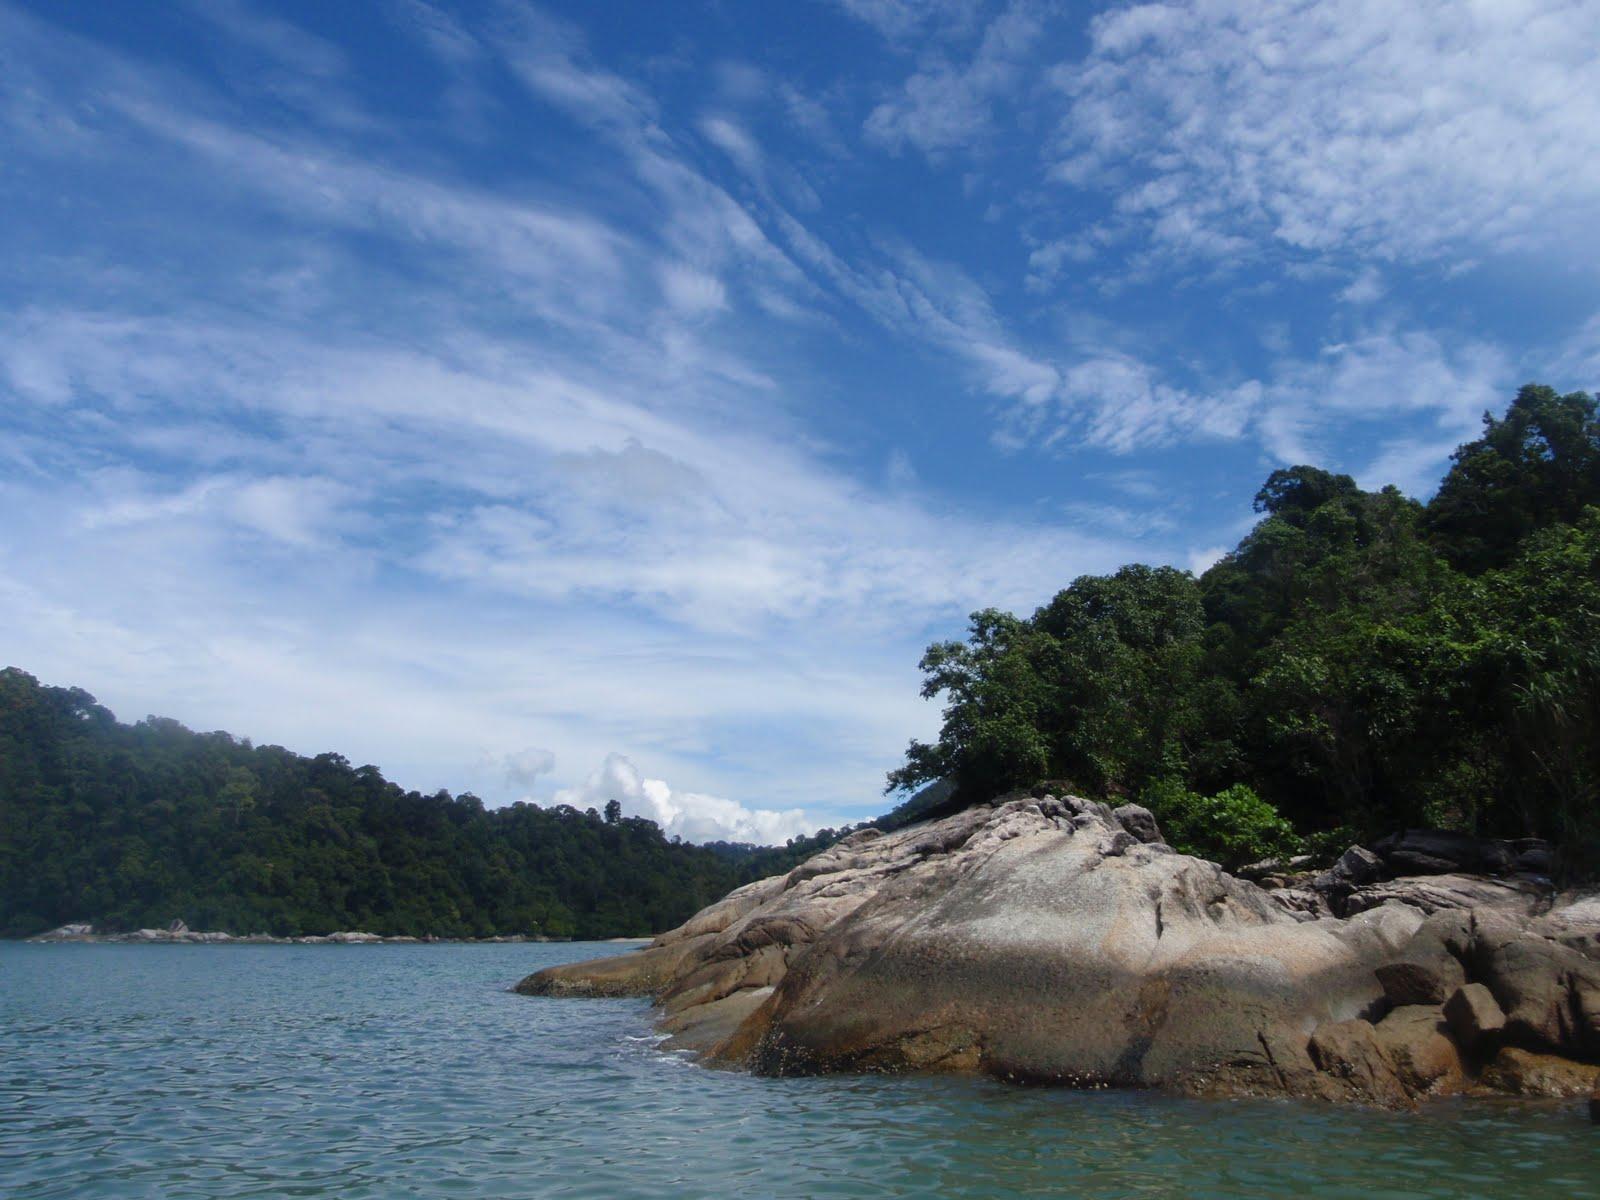 Pangkor Malaysia  city photos gallery : malaysia pangkor island malaysia pangkor island teluk nipah malaysia ...